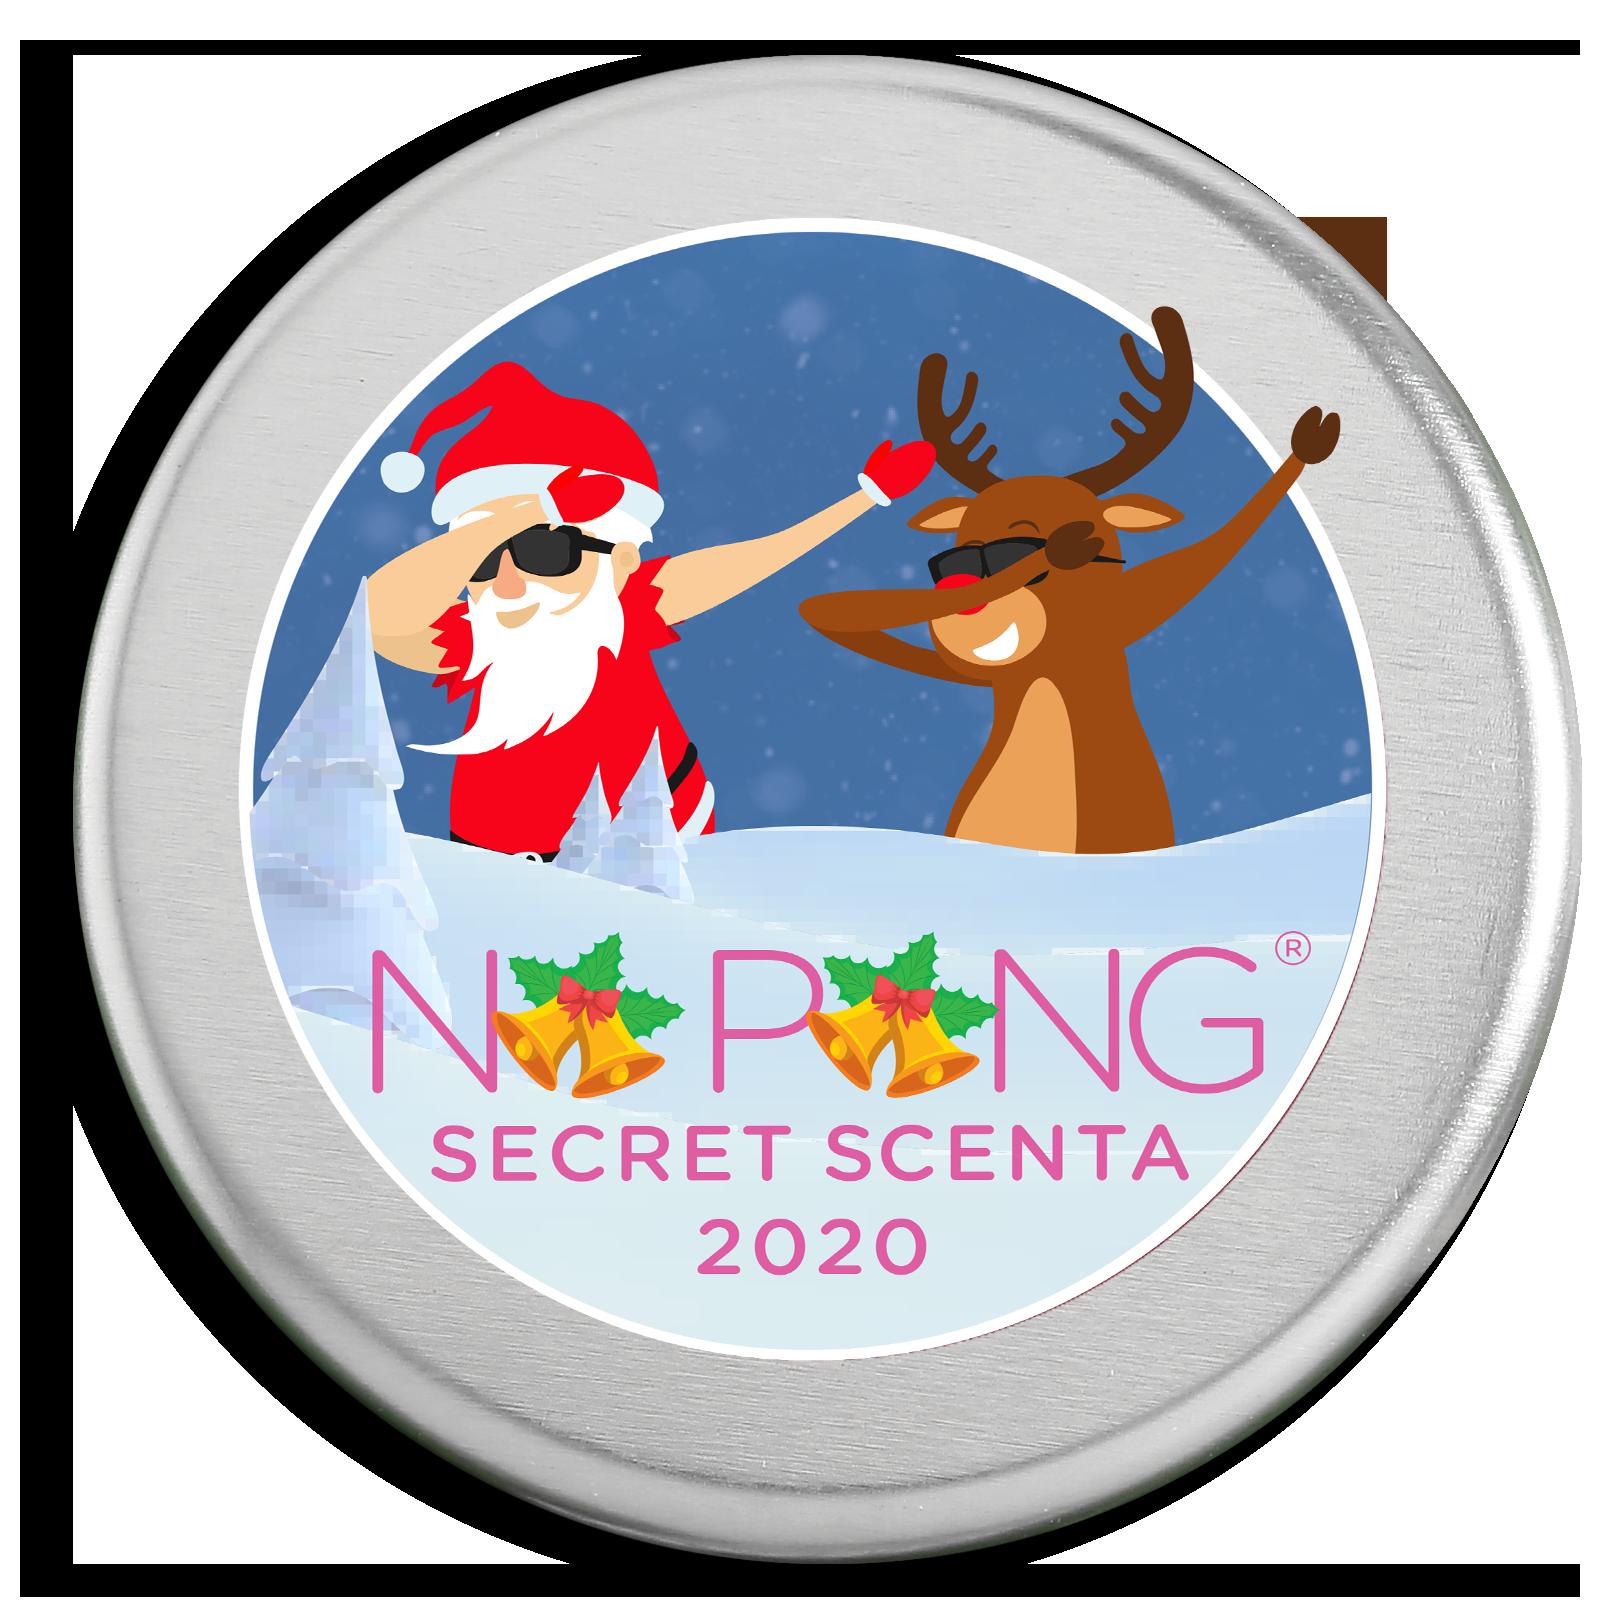 SECRET SCENTA 2020